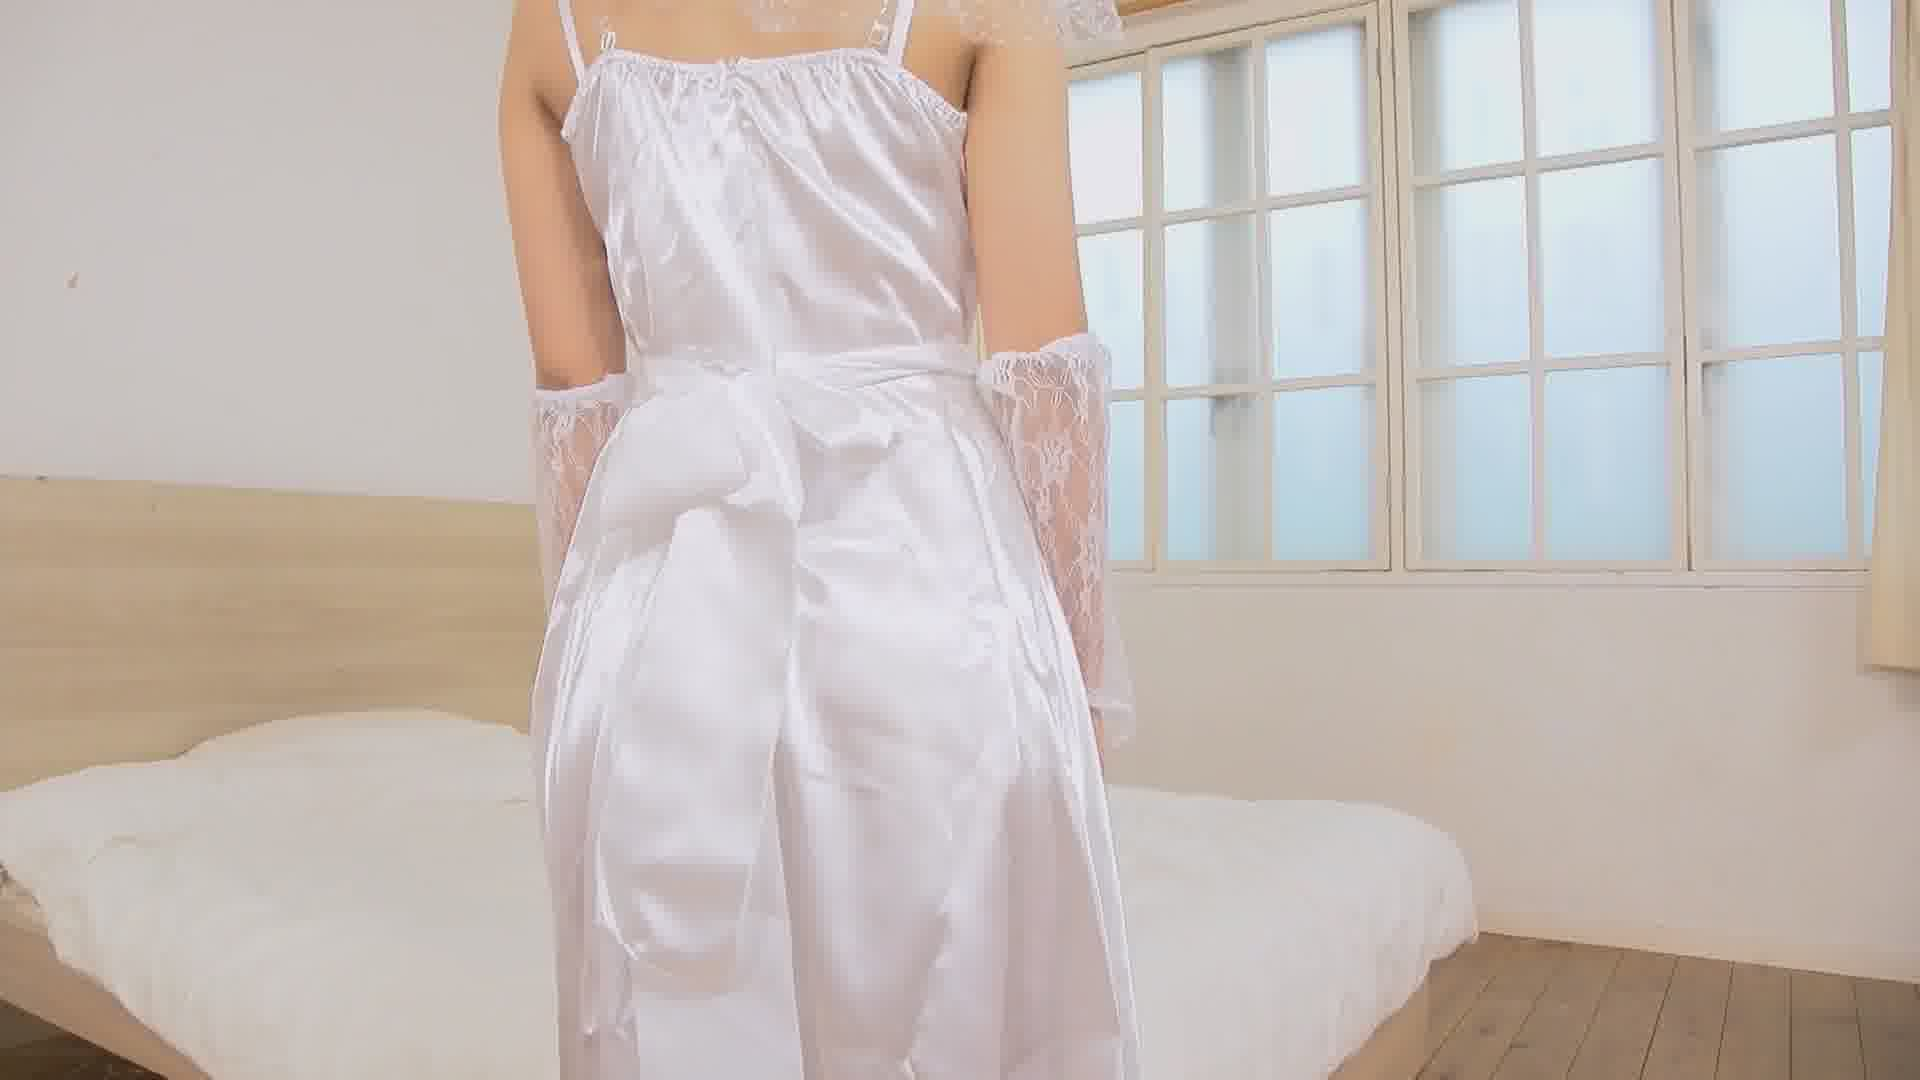 ベールを脱いだ女優の本性 ~神聖な気持ちで淫らな濡れマンコ~ - 碧えみ【パイパン・バイブ・中出し】